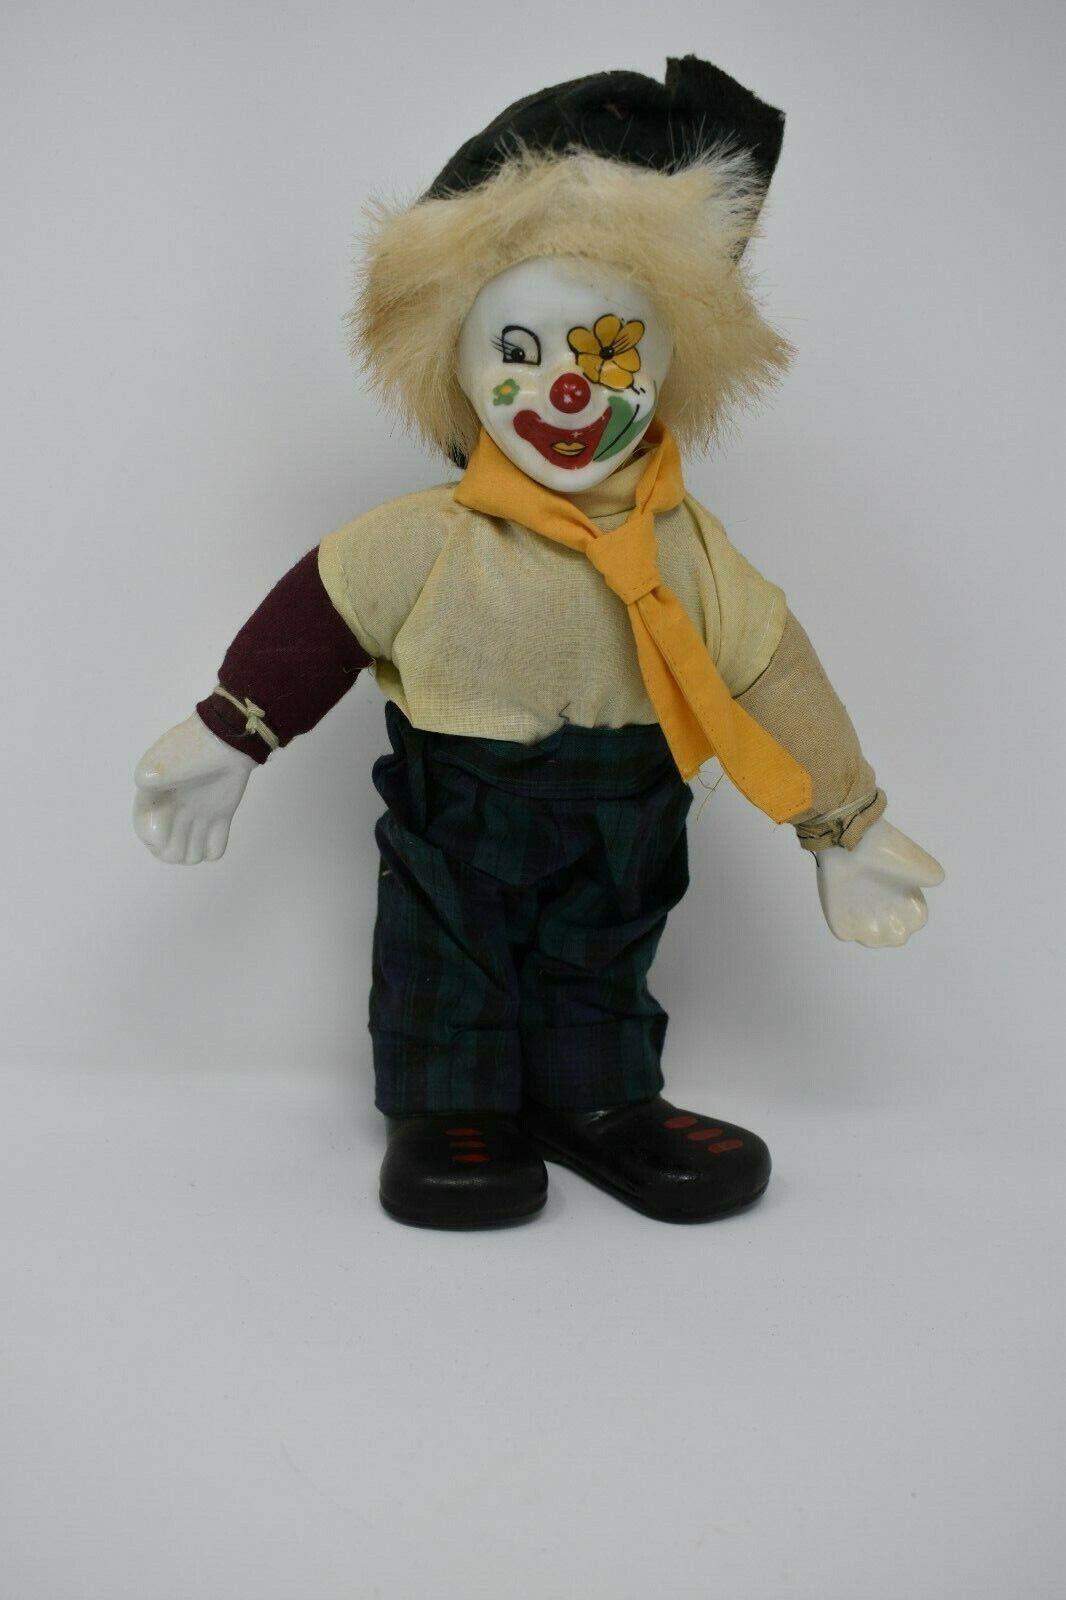 Bambola Di Porcellana Clown 12 Pollici DI ALTEZZA